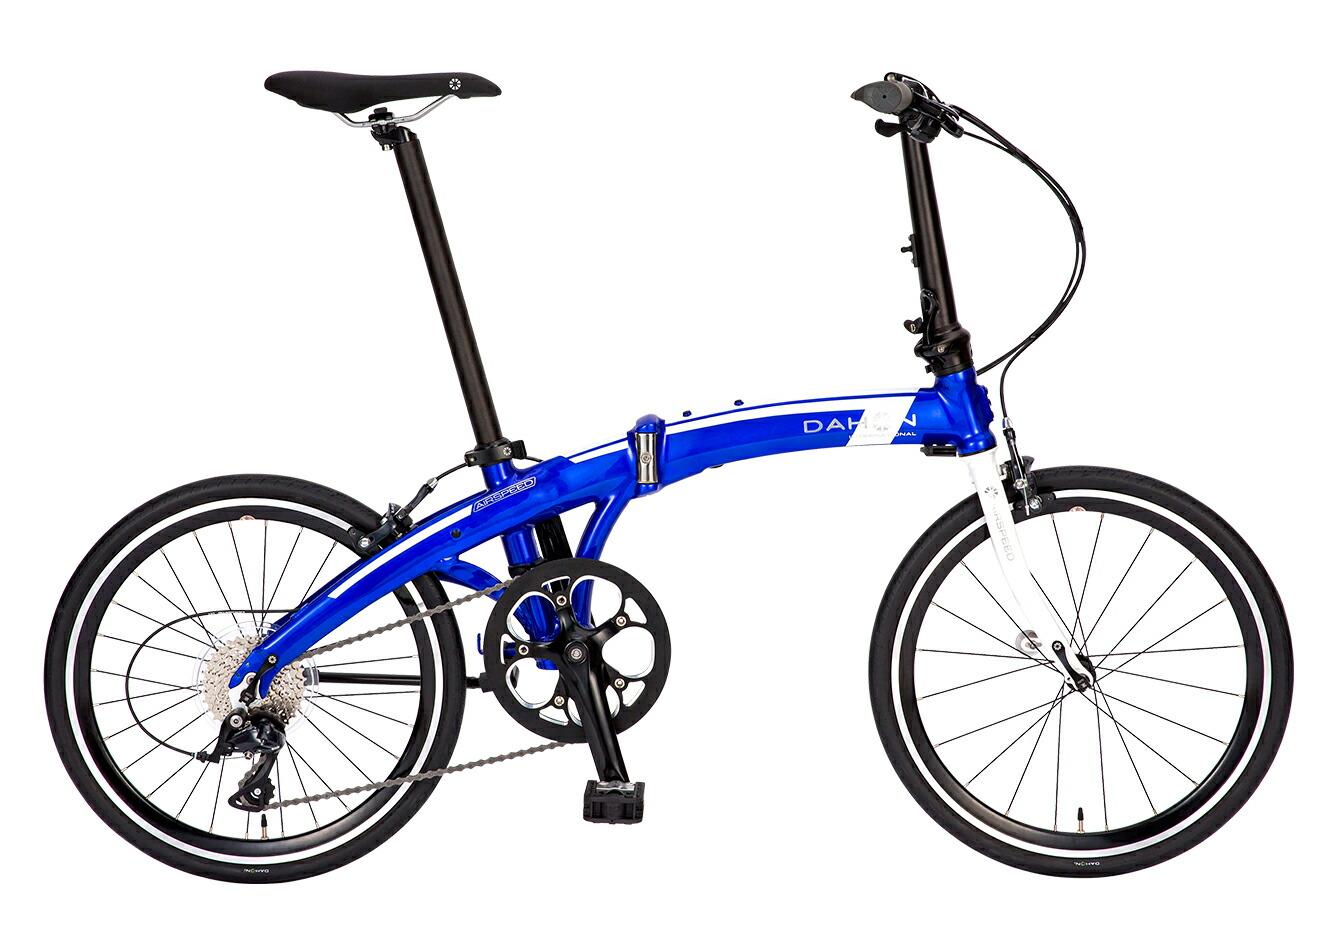 折りたたみ自転車 Airspeed D9 ダホン 自転車 20インチ 折りたたみ 9段変速ギア エアスピード D9 Glitter Blue グリッターブルー ギア付 通販 おしゃれ